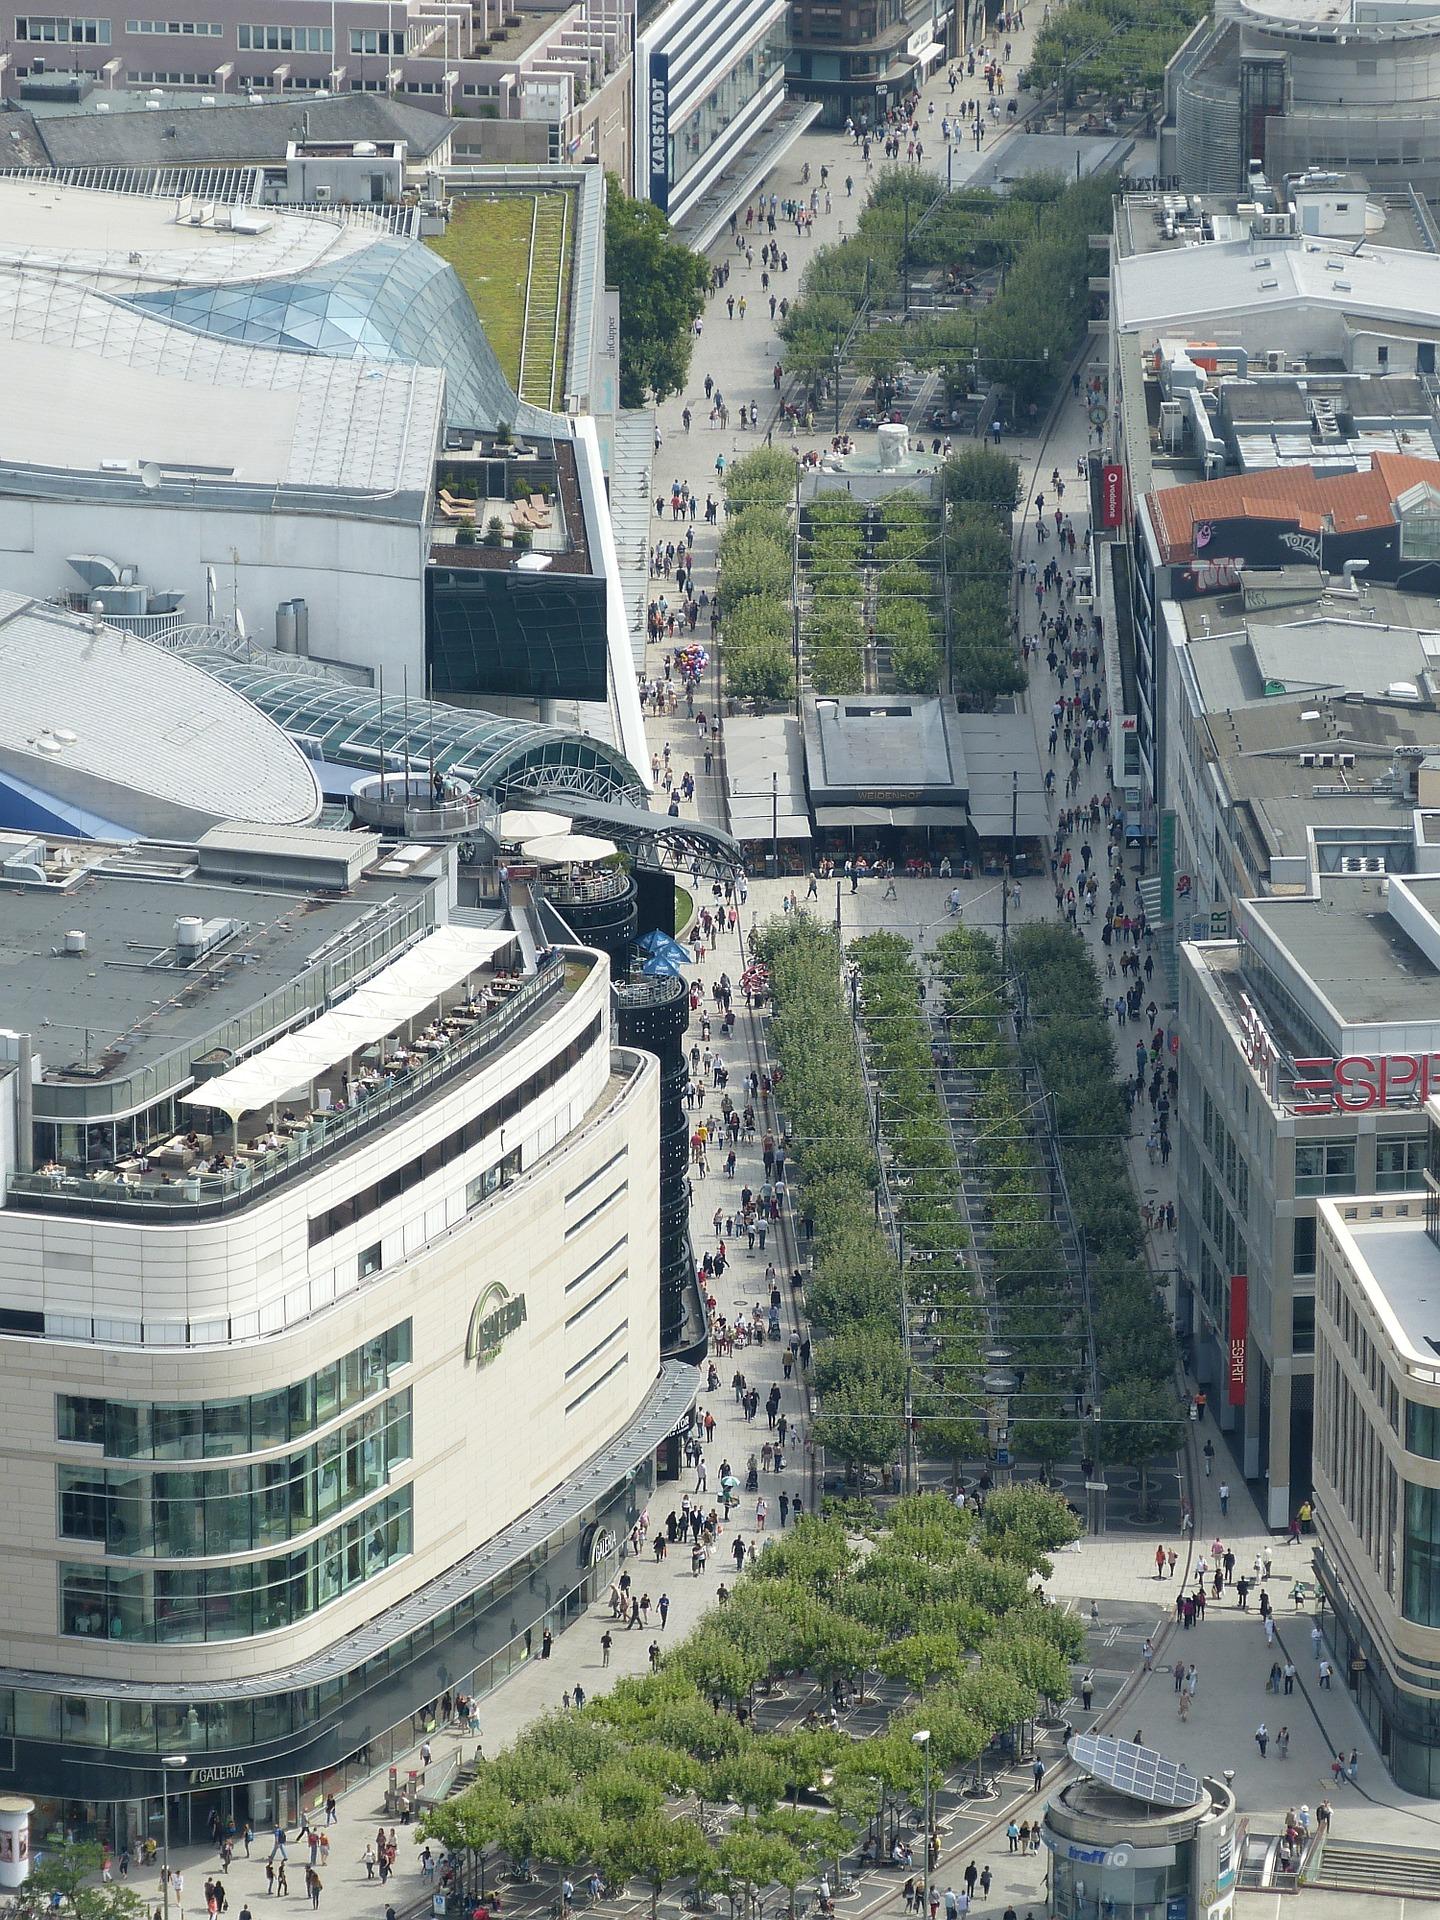 Frankfurt Zeil von oben